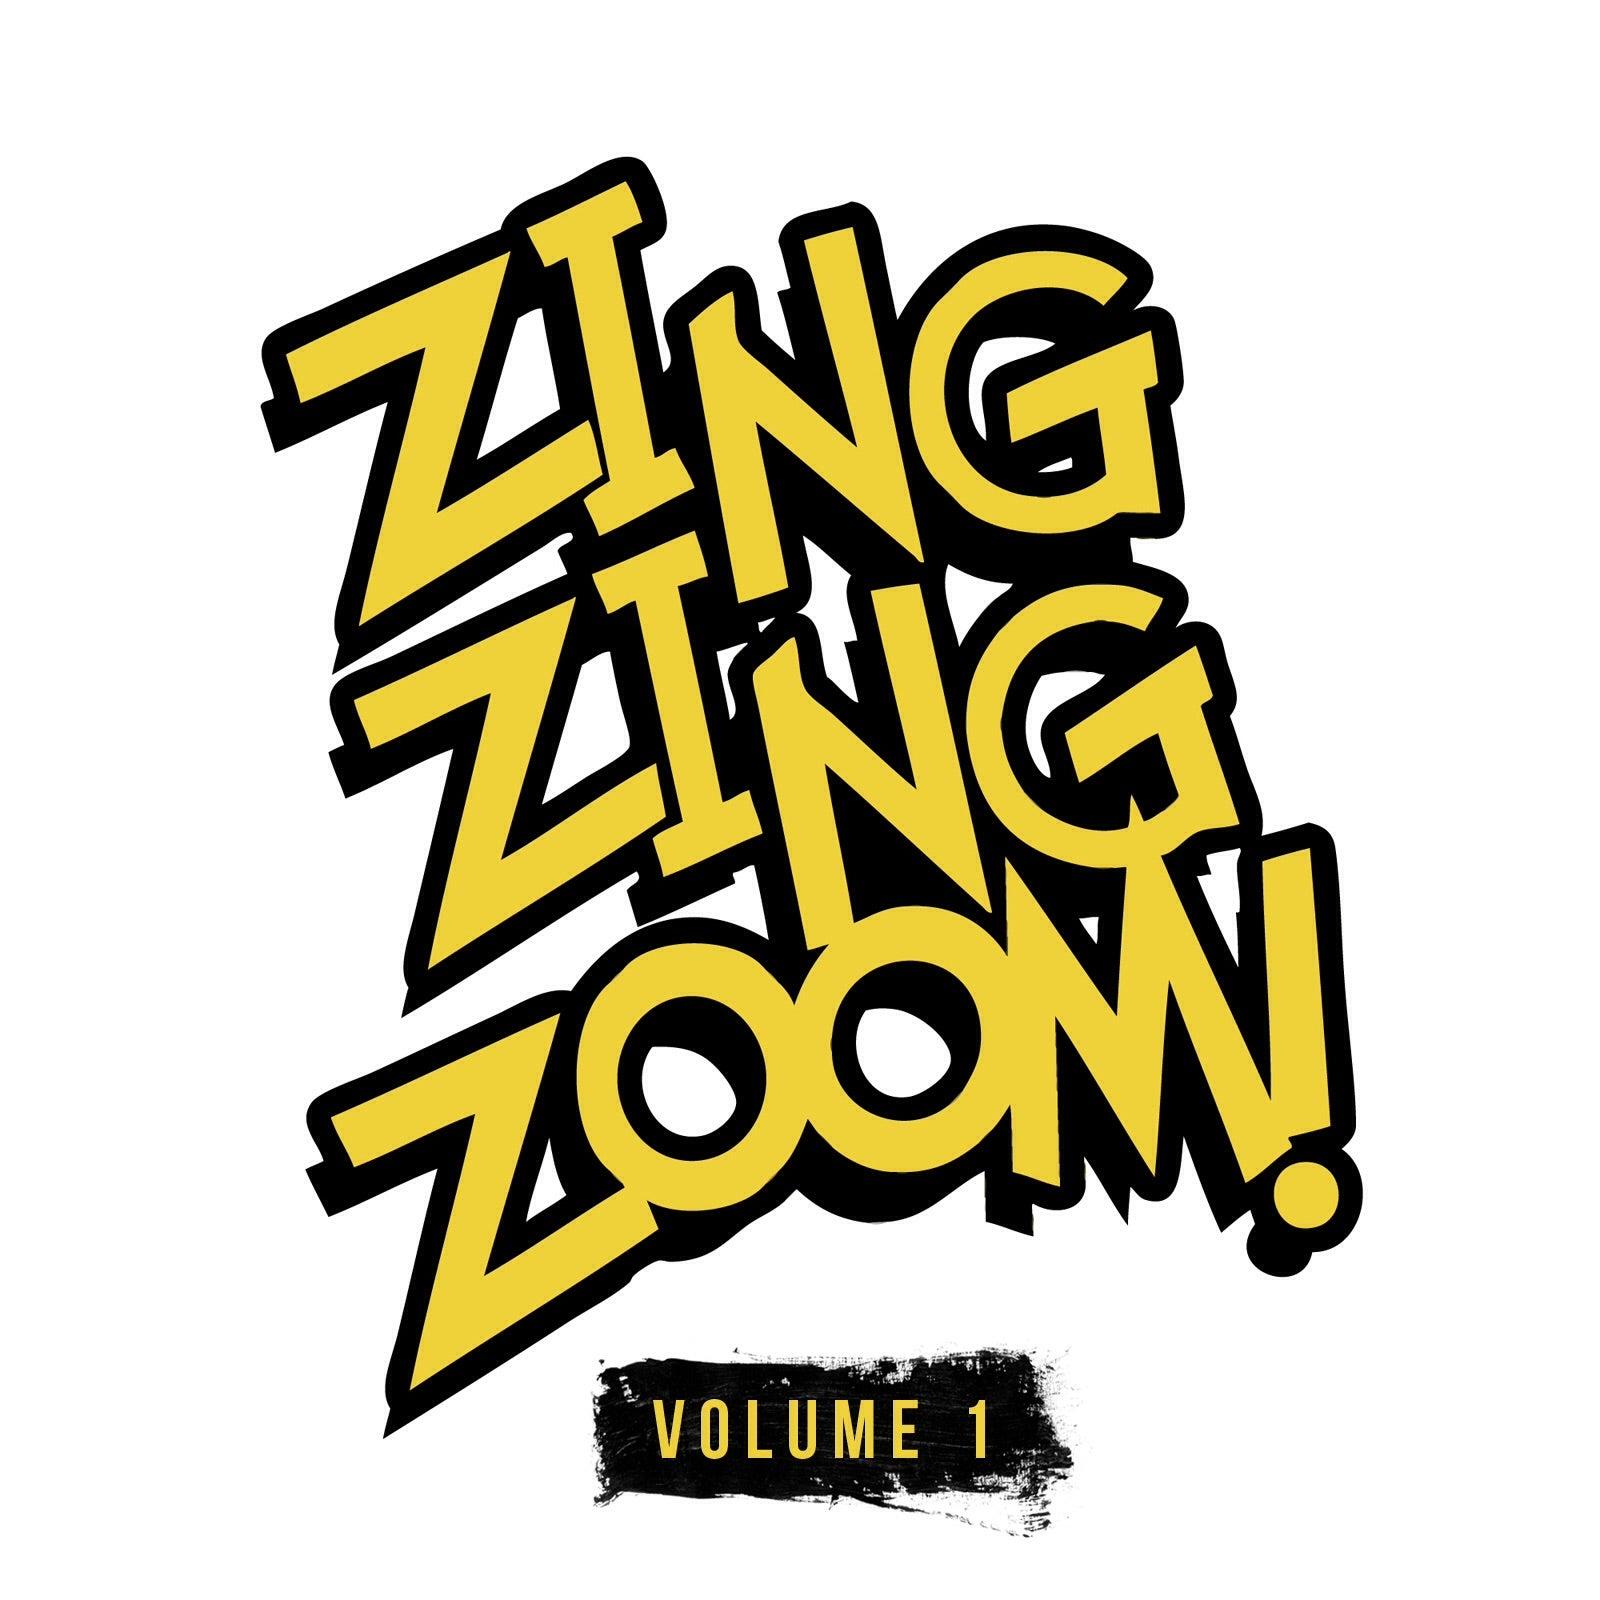 Zing Zing Zoom